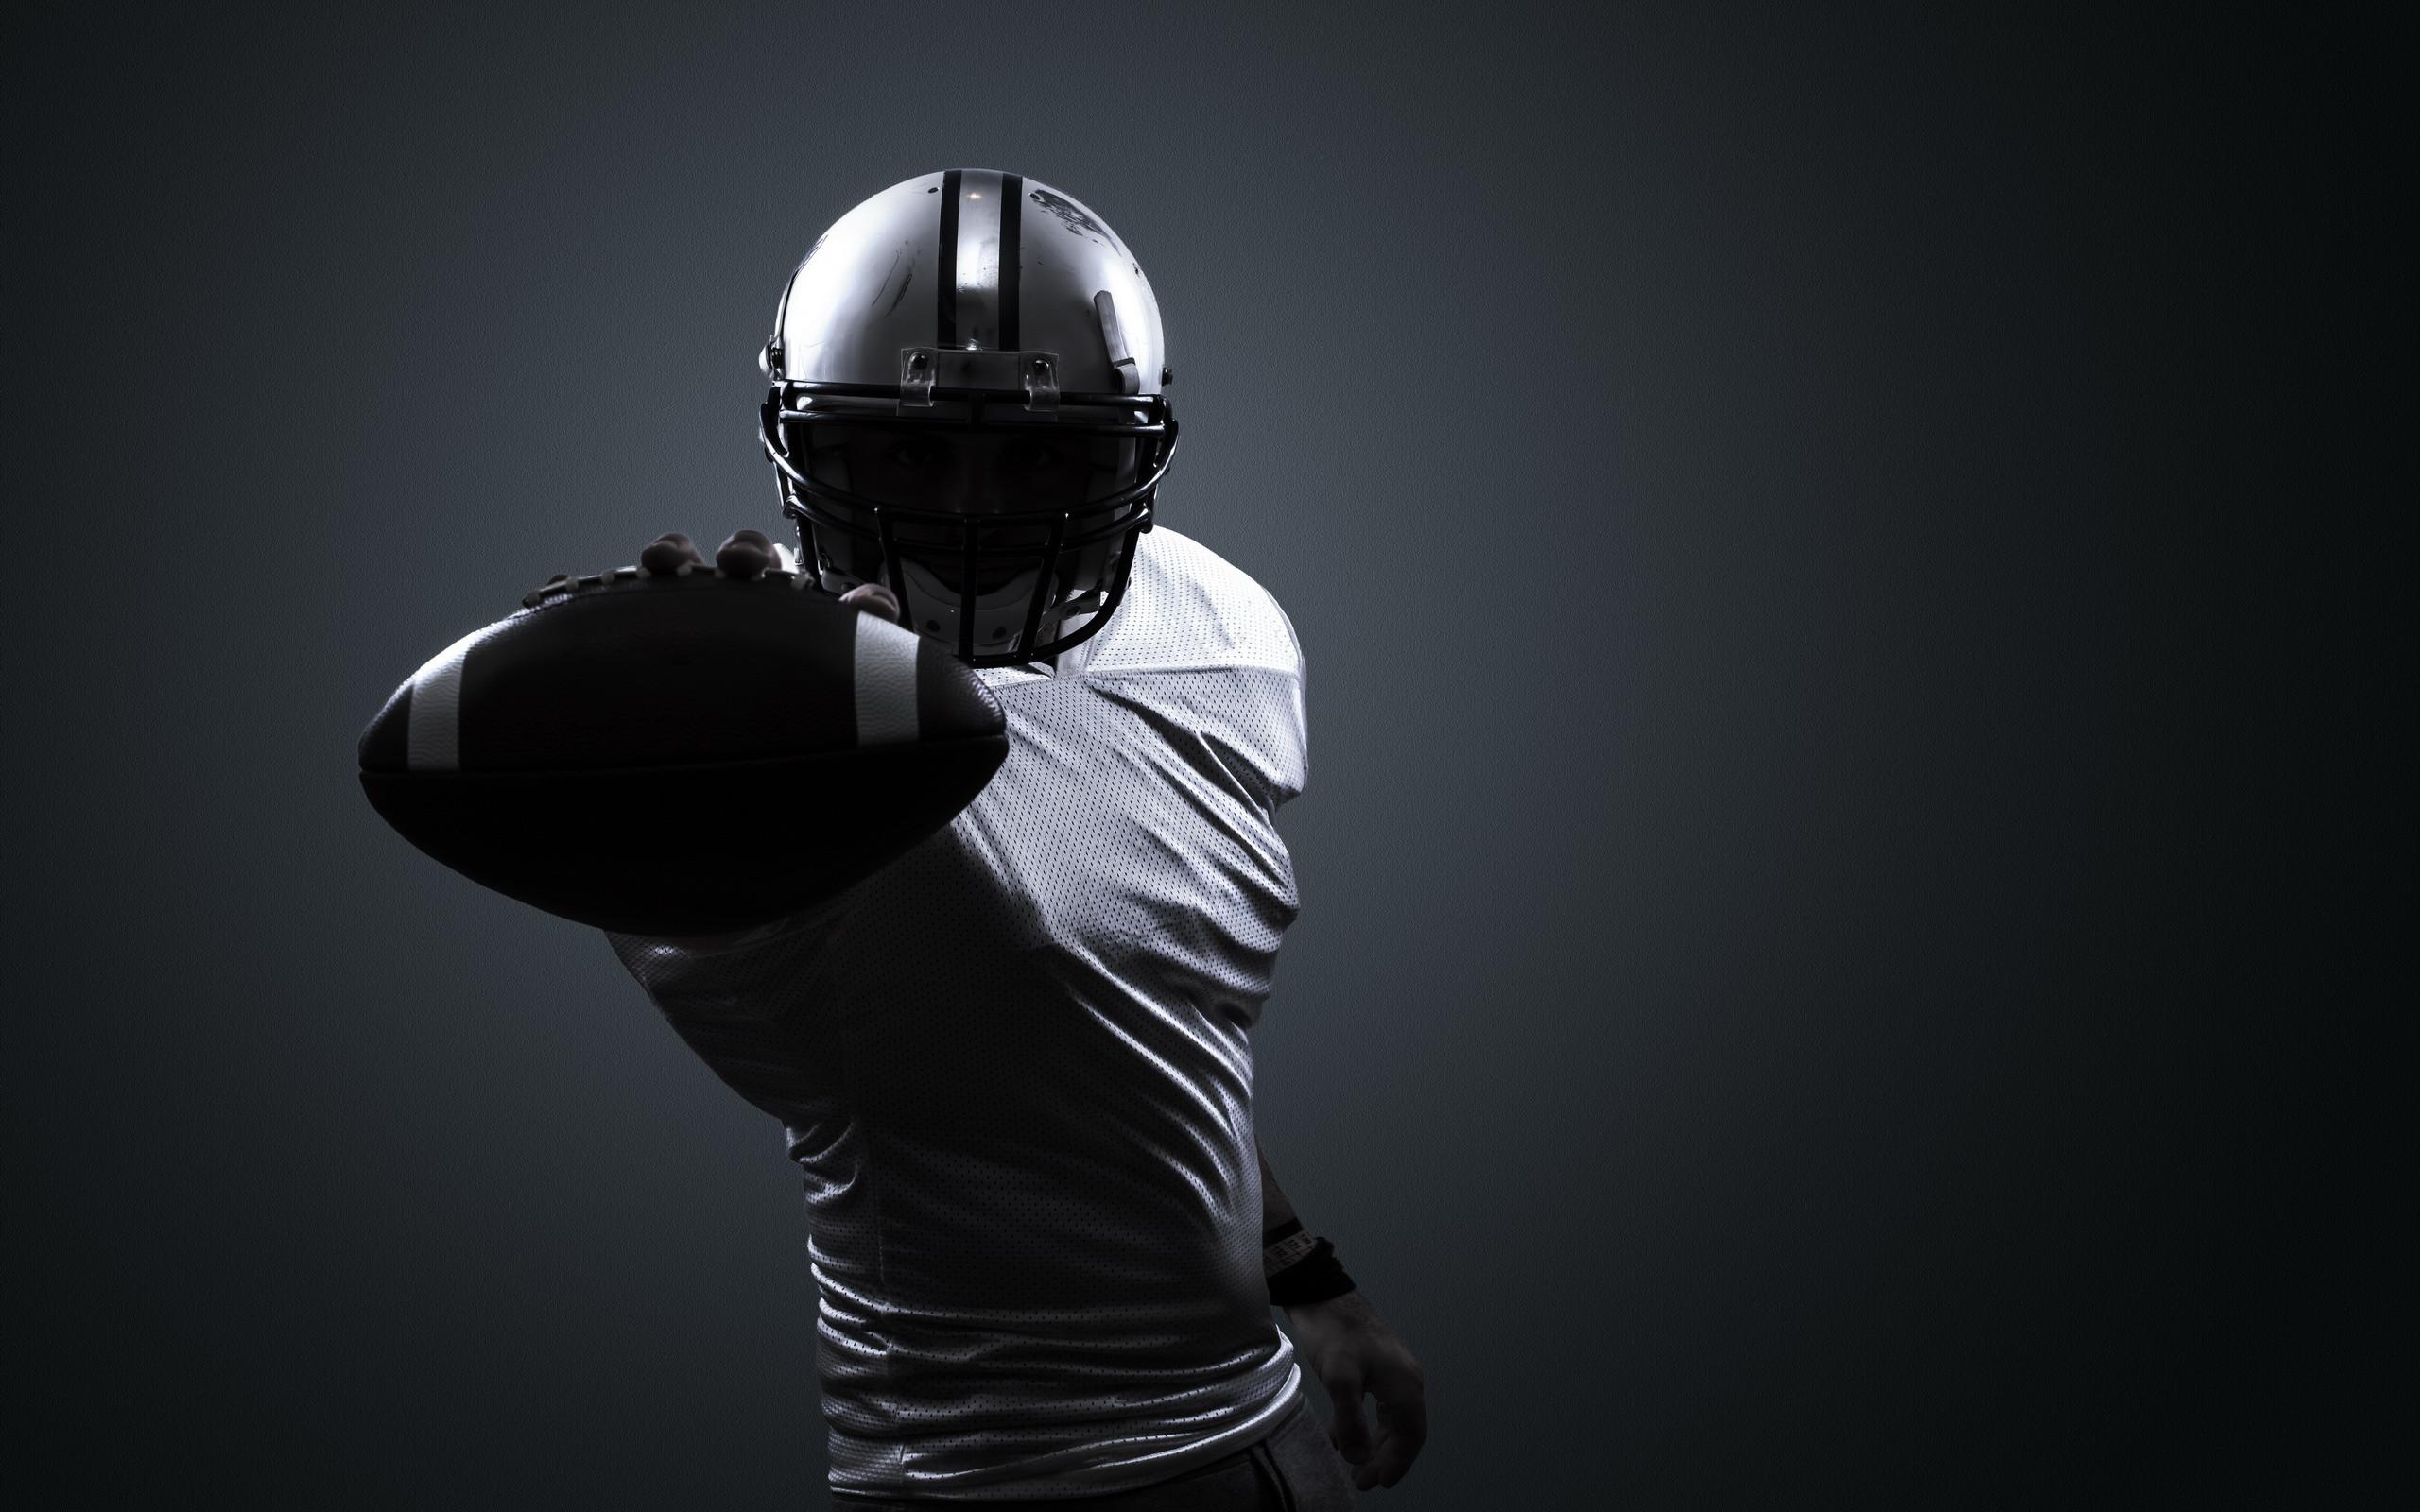 American Football Player Wallpaper   HD Wallpapers   Pinterest   Wallpaper